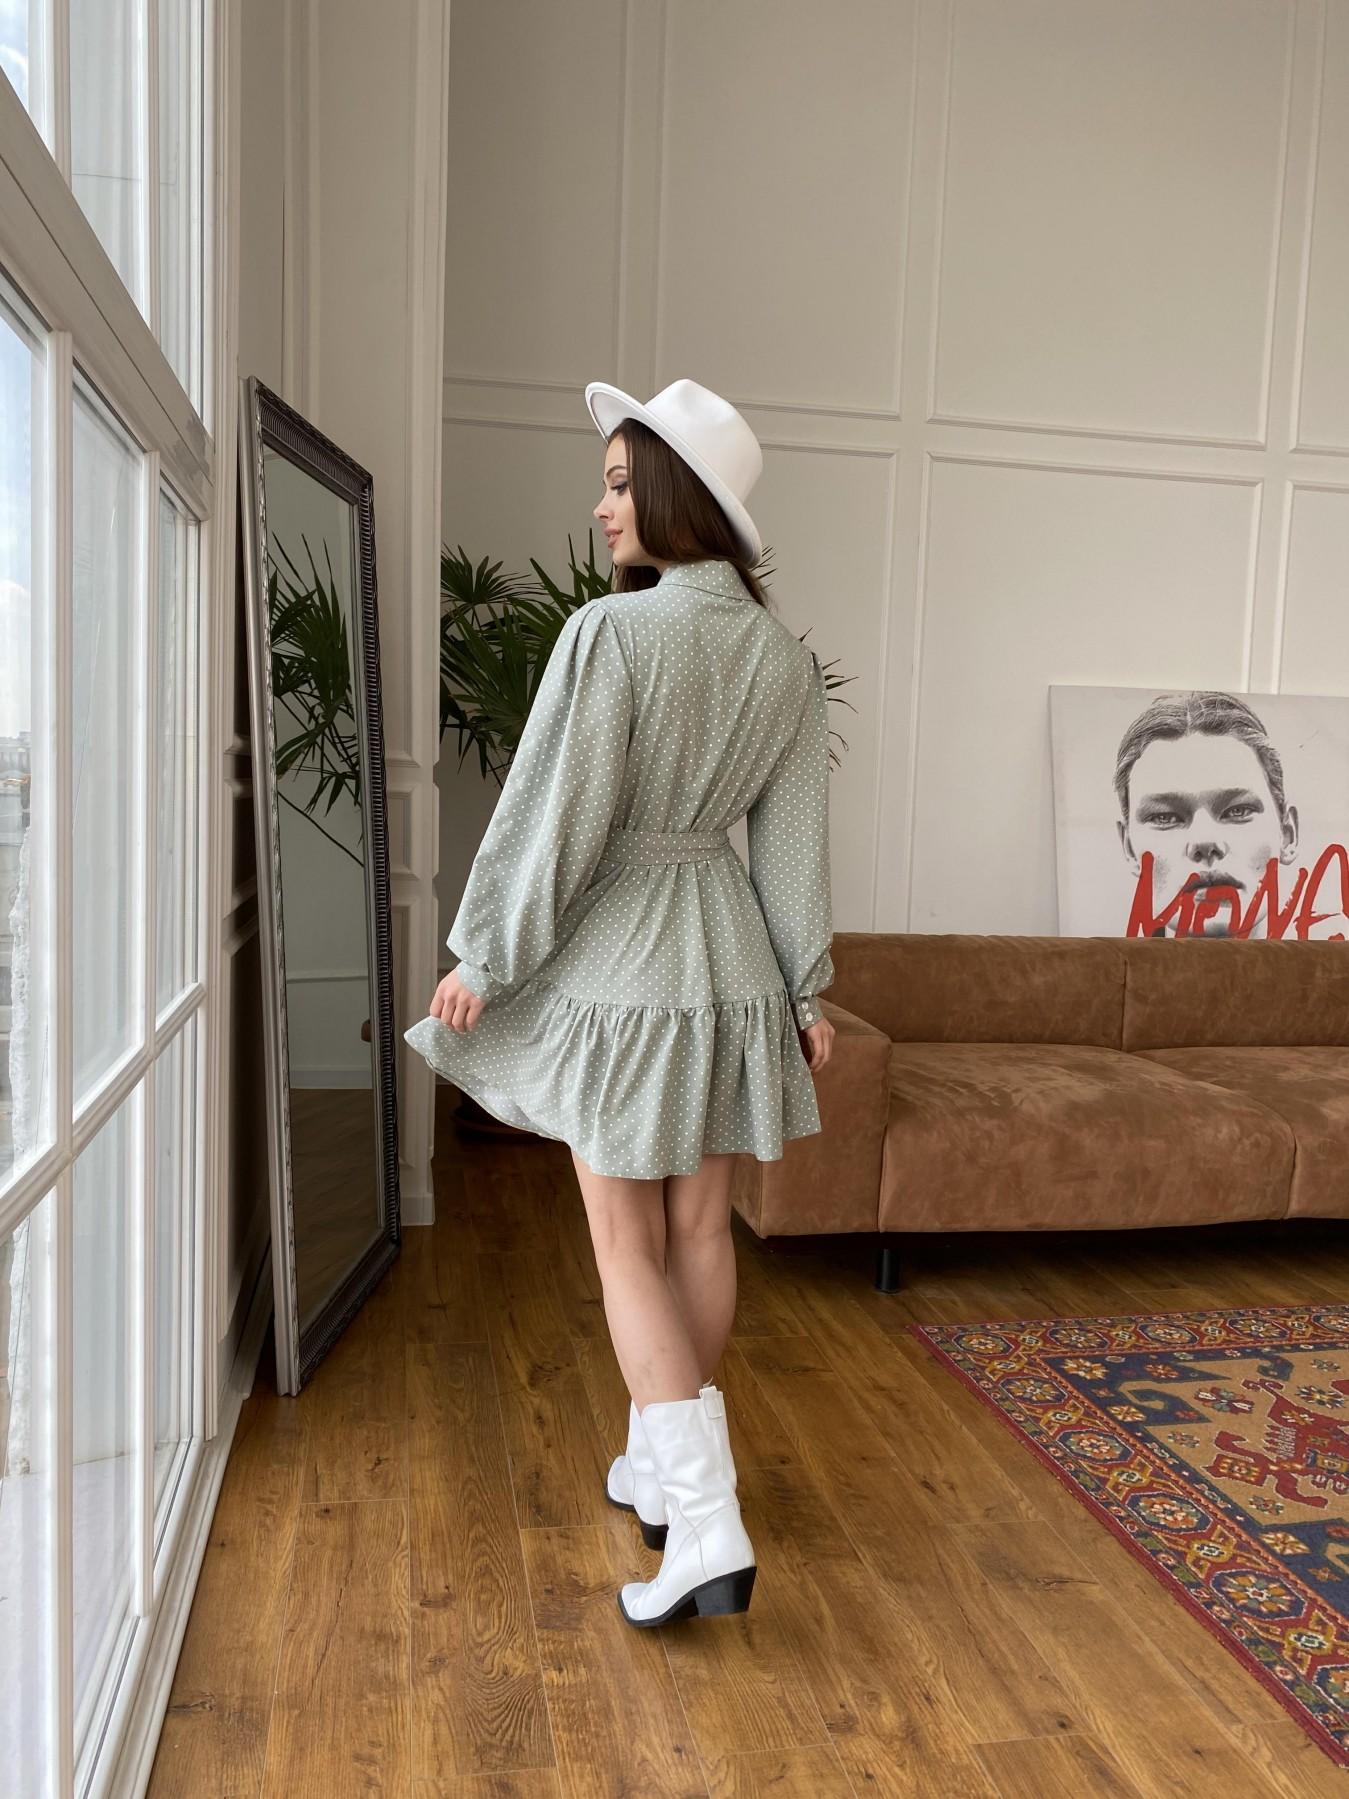 Молизе  платье из софта с принтом 11110 АРТ. 47592 Цвет: Олива/ГорохБелыйМелк - фото 4, интернет магазин tm-modus.ru